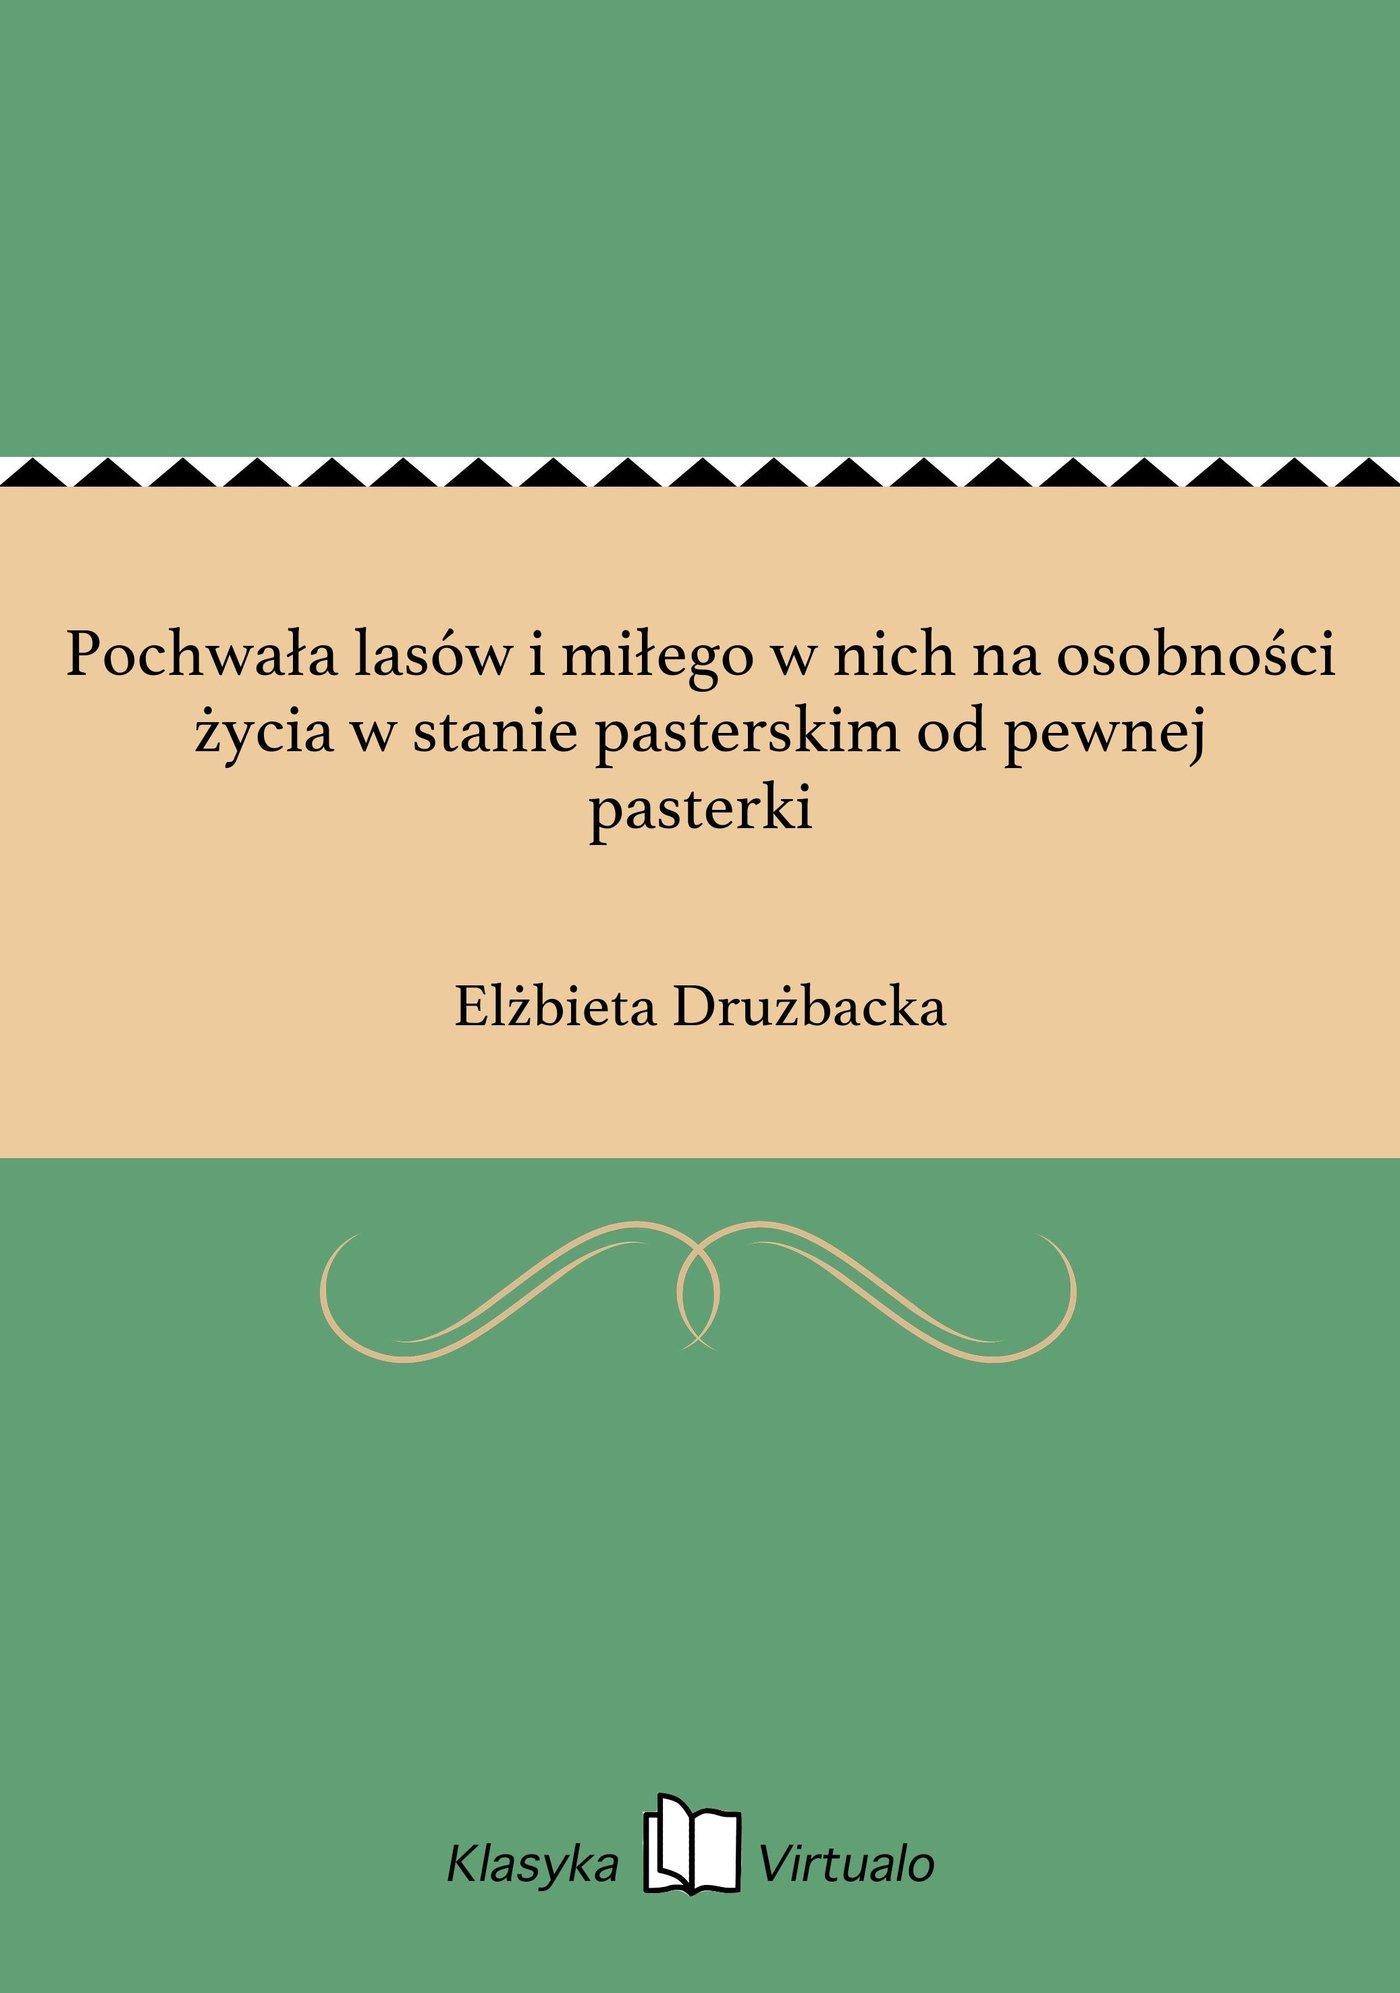 Pochwała lasów i miłego w nich na osobności życia w stanie pasterskim od pewnej pasterki - Ebook (Książka EPUB) do pobrania w formacie EPUB